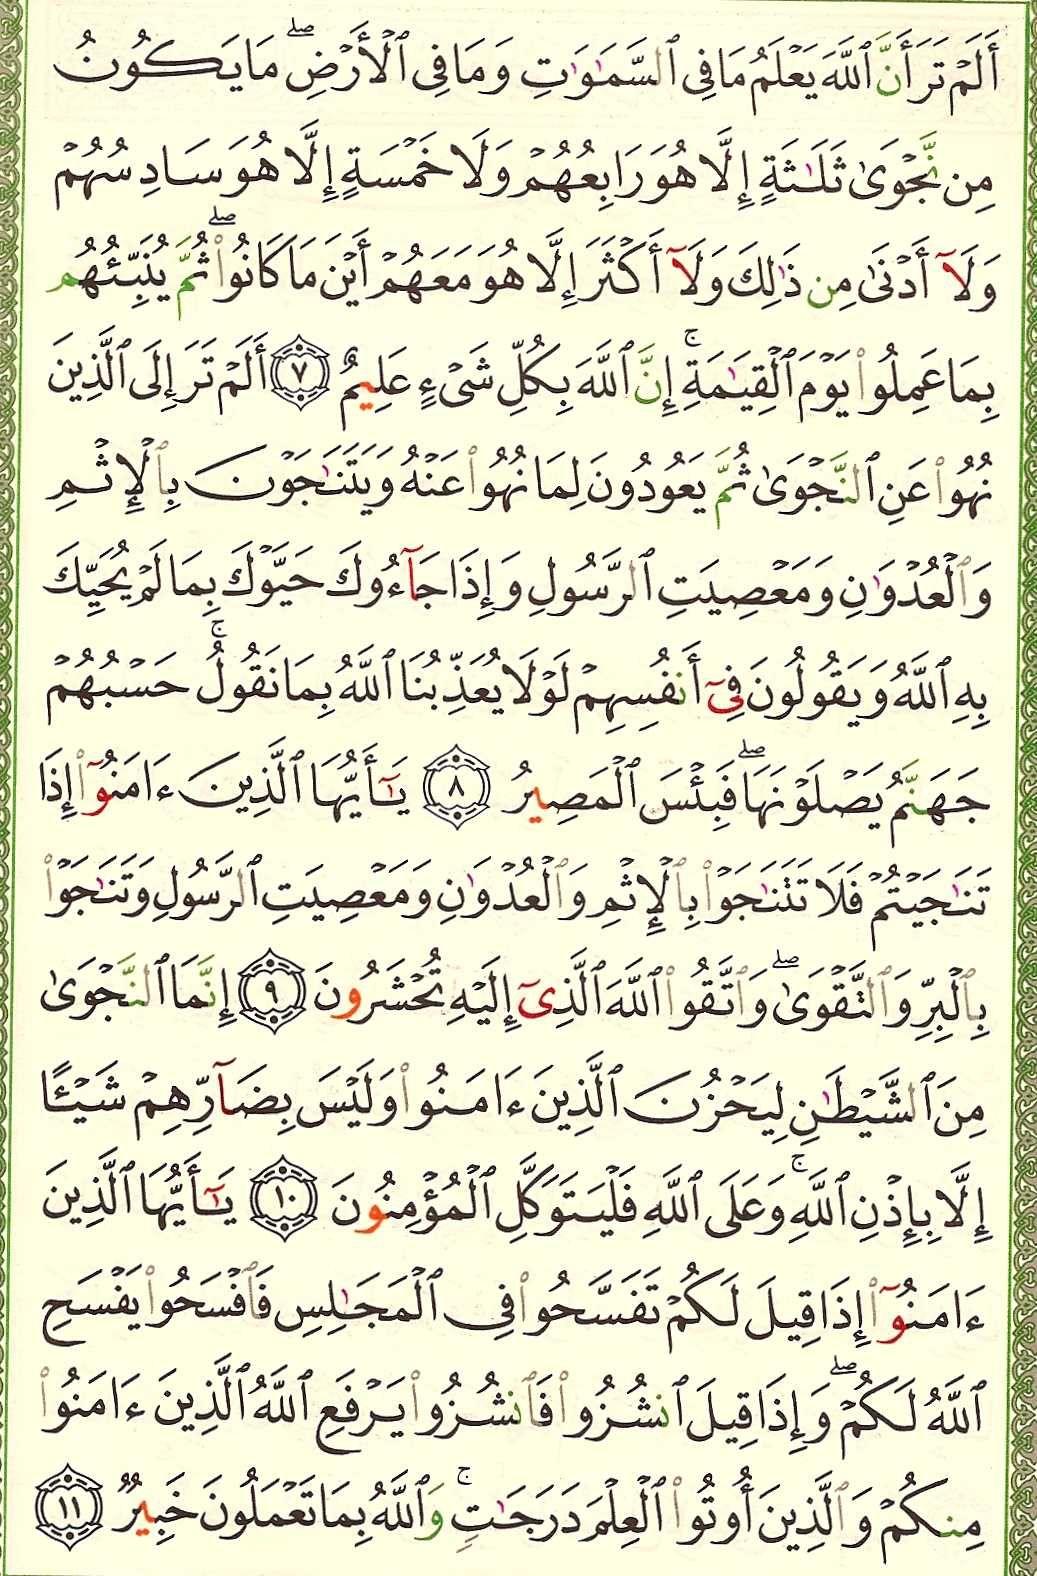 58. سورة المجادلة - Al-Mujadila مصورة من المصحف الشريف 543